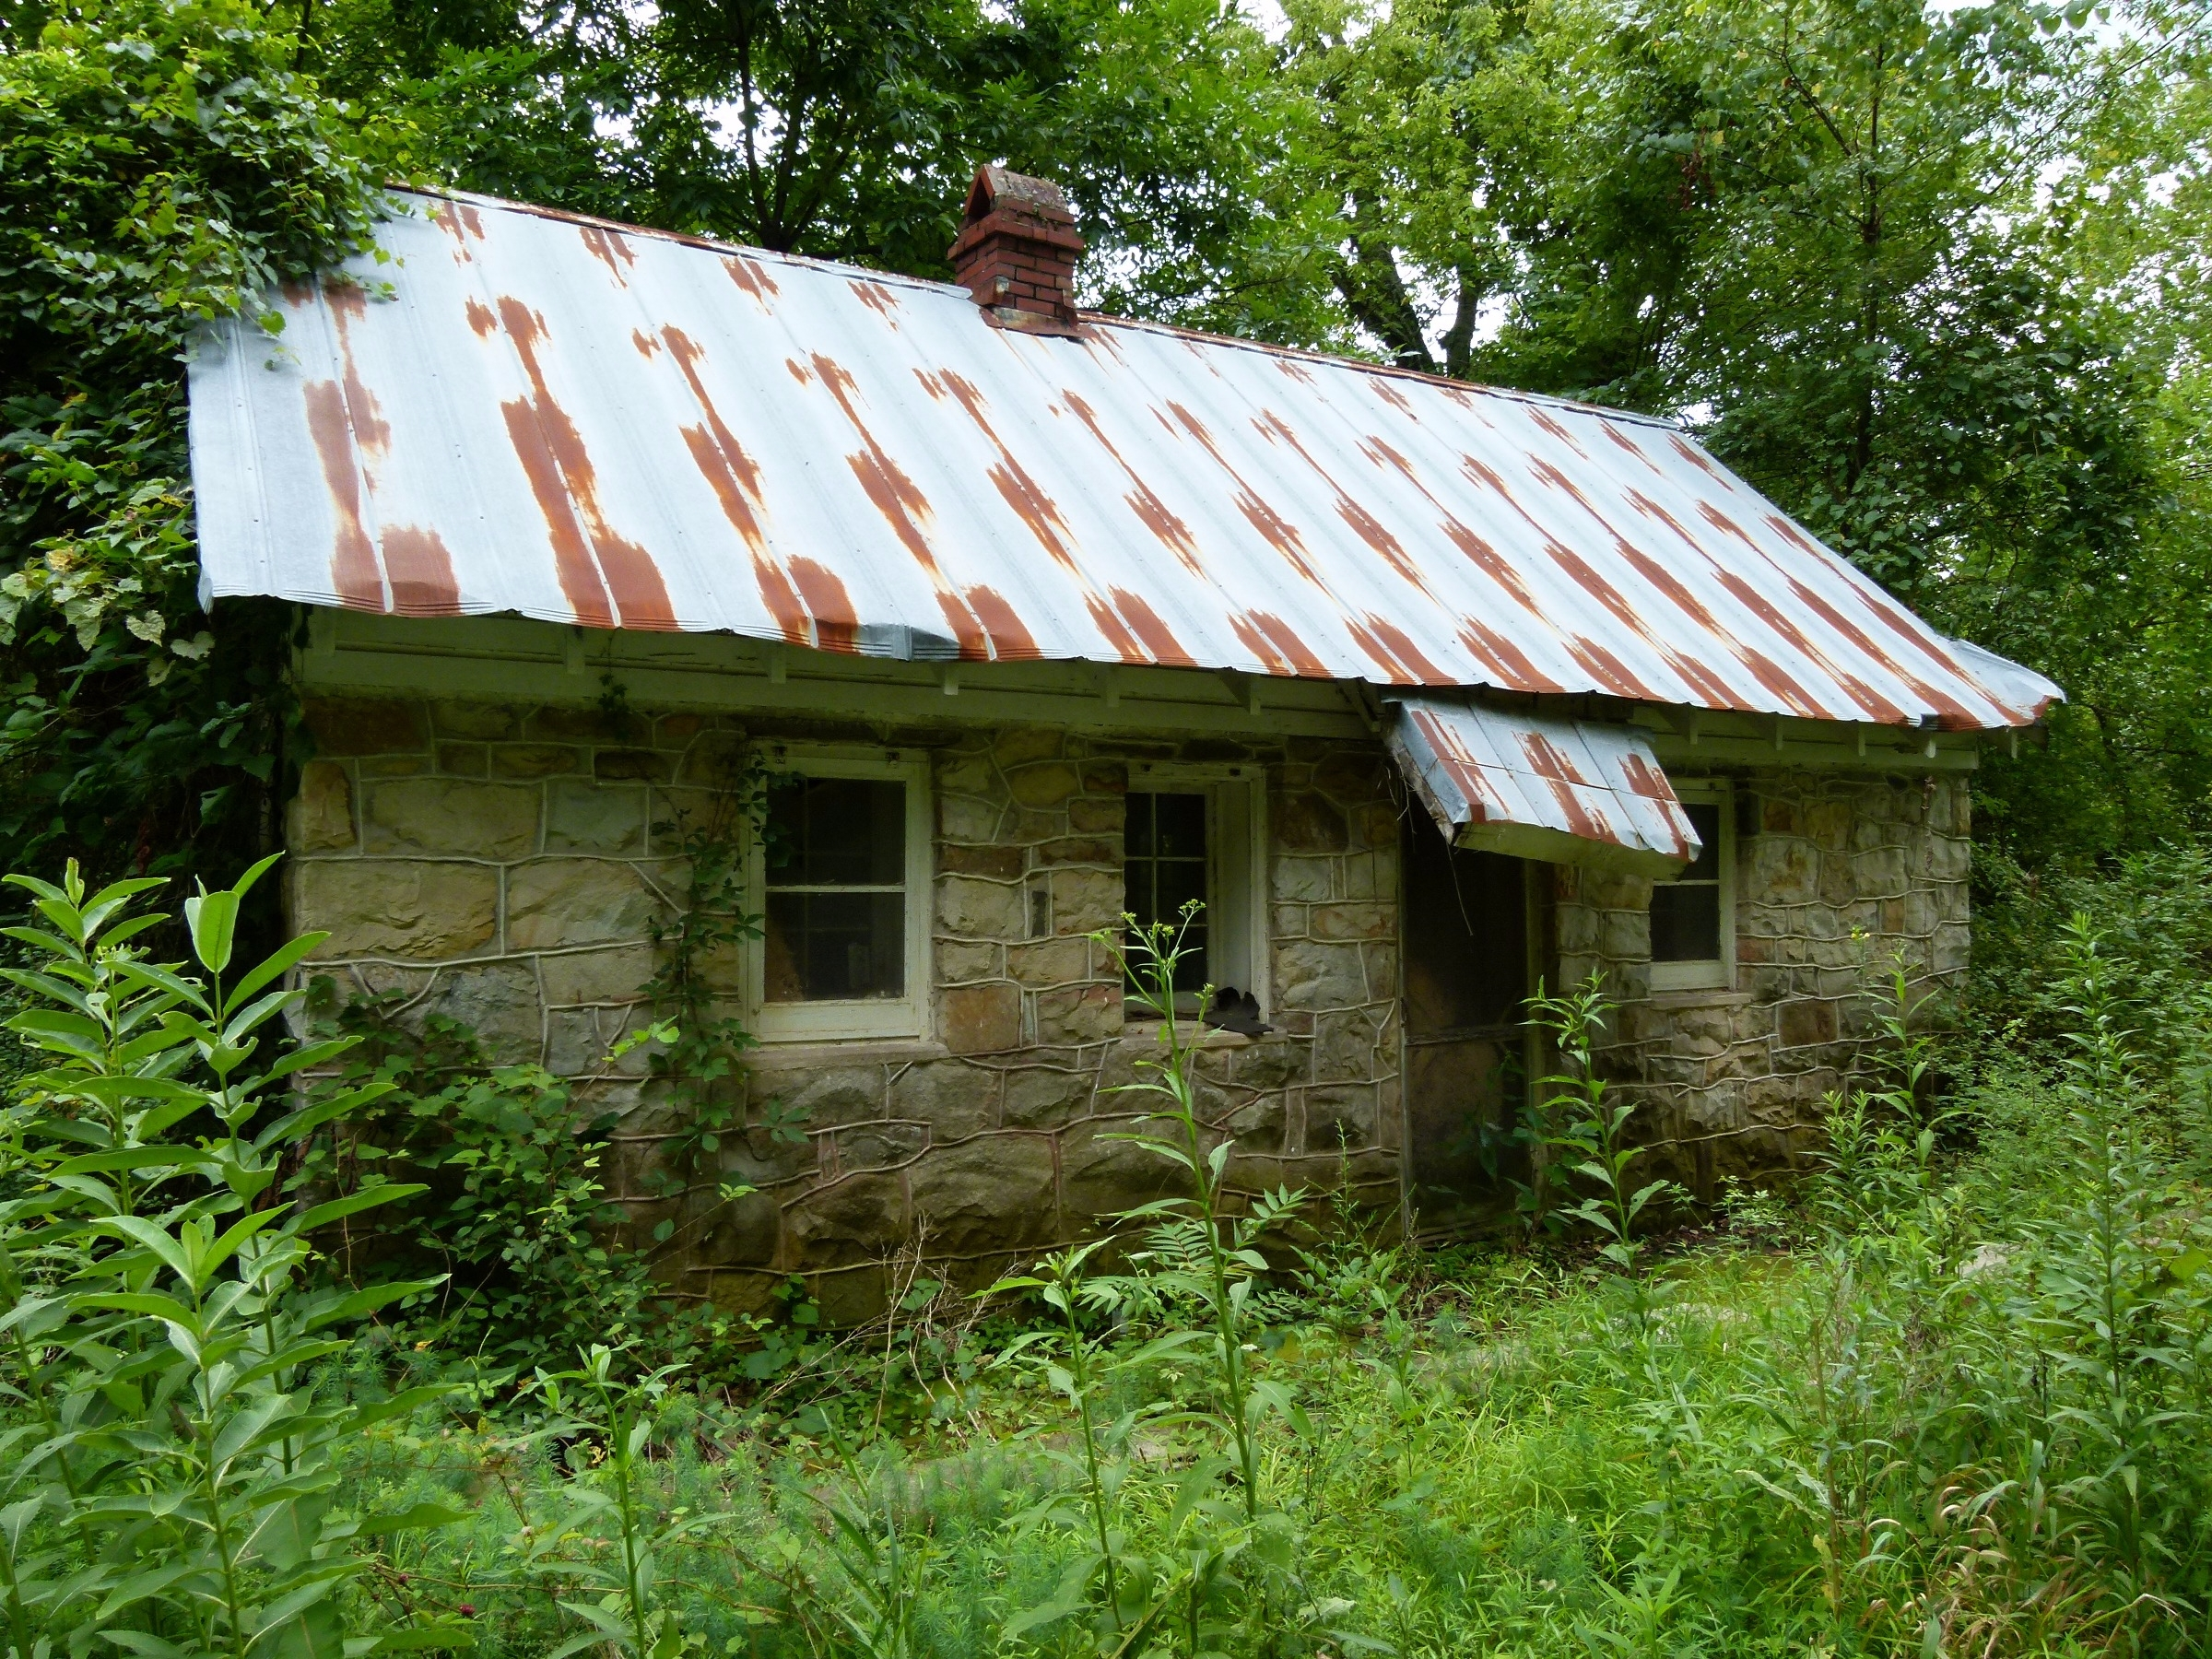 West Virginia hideaway built ba - oldendaze | ello